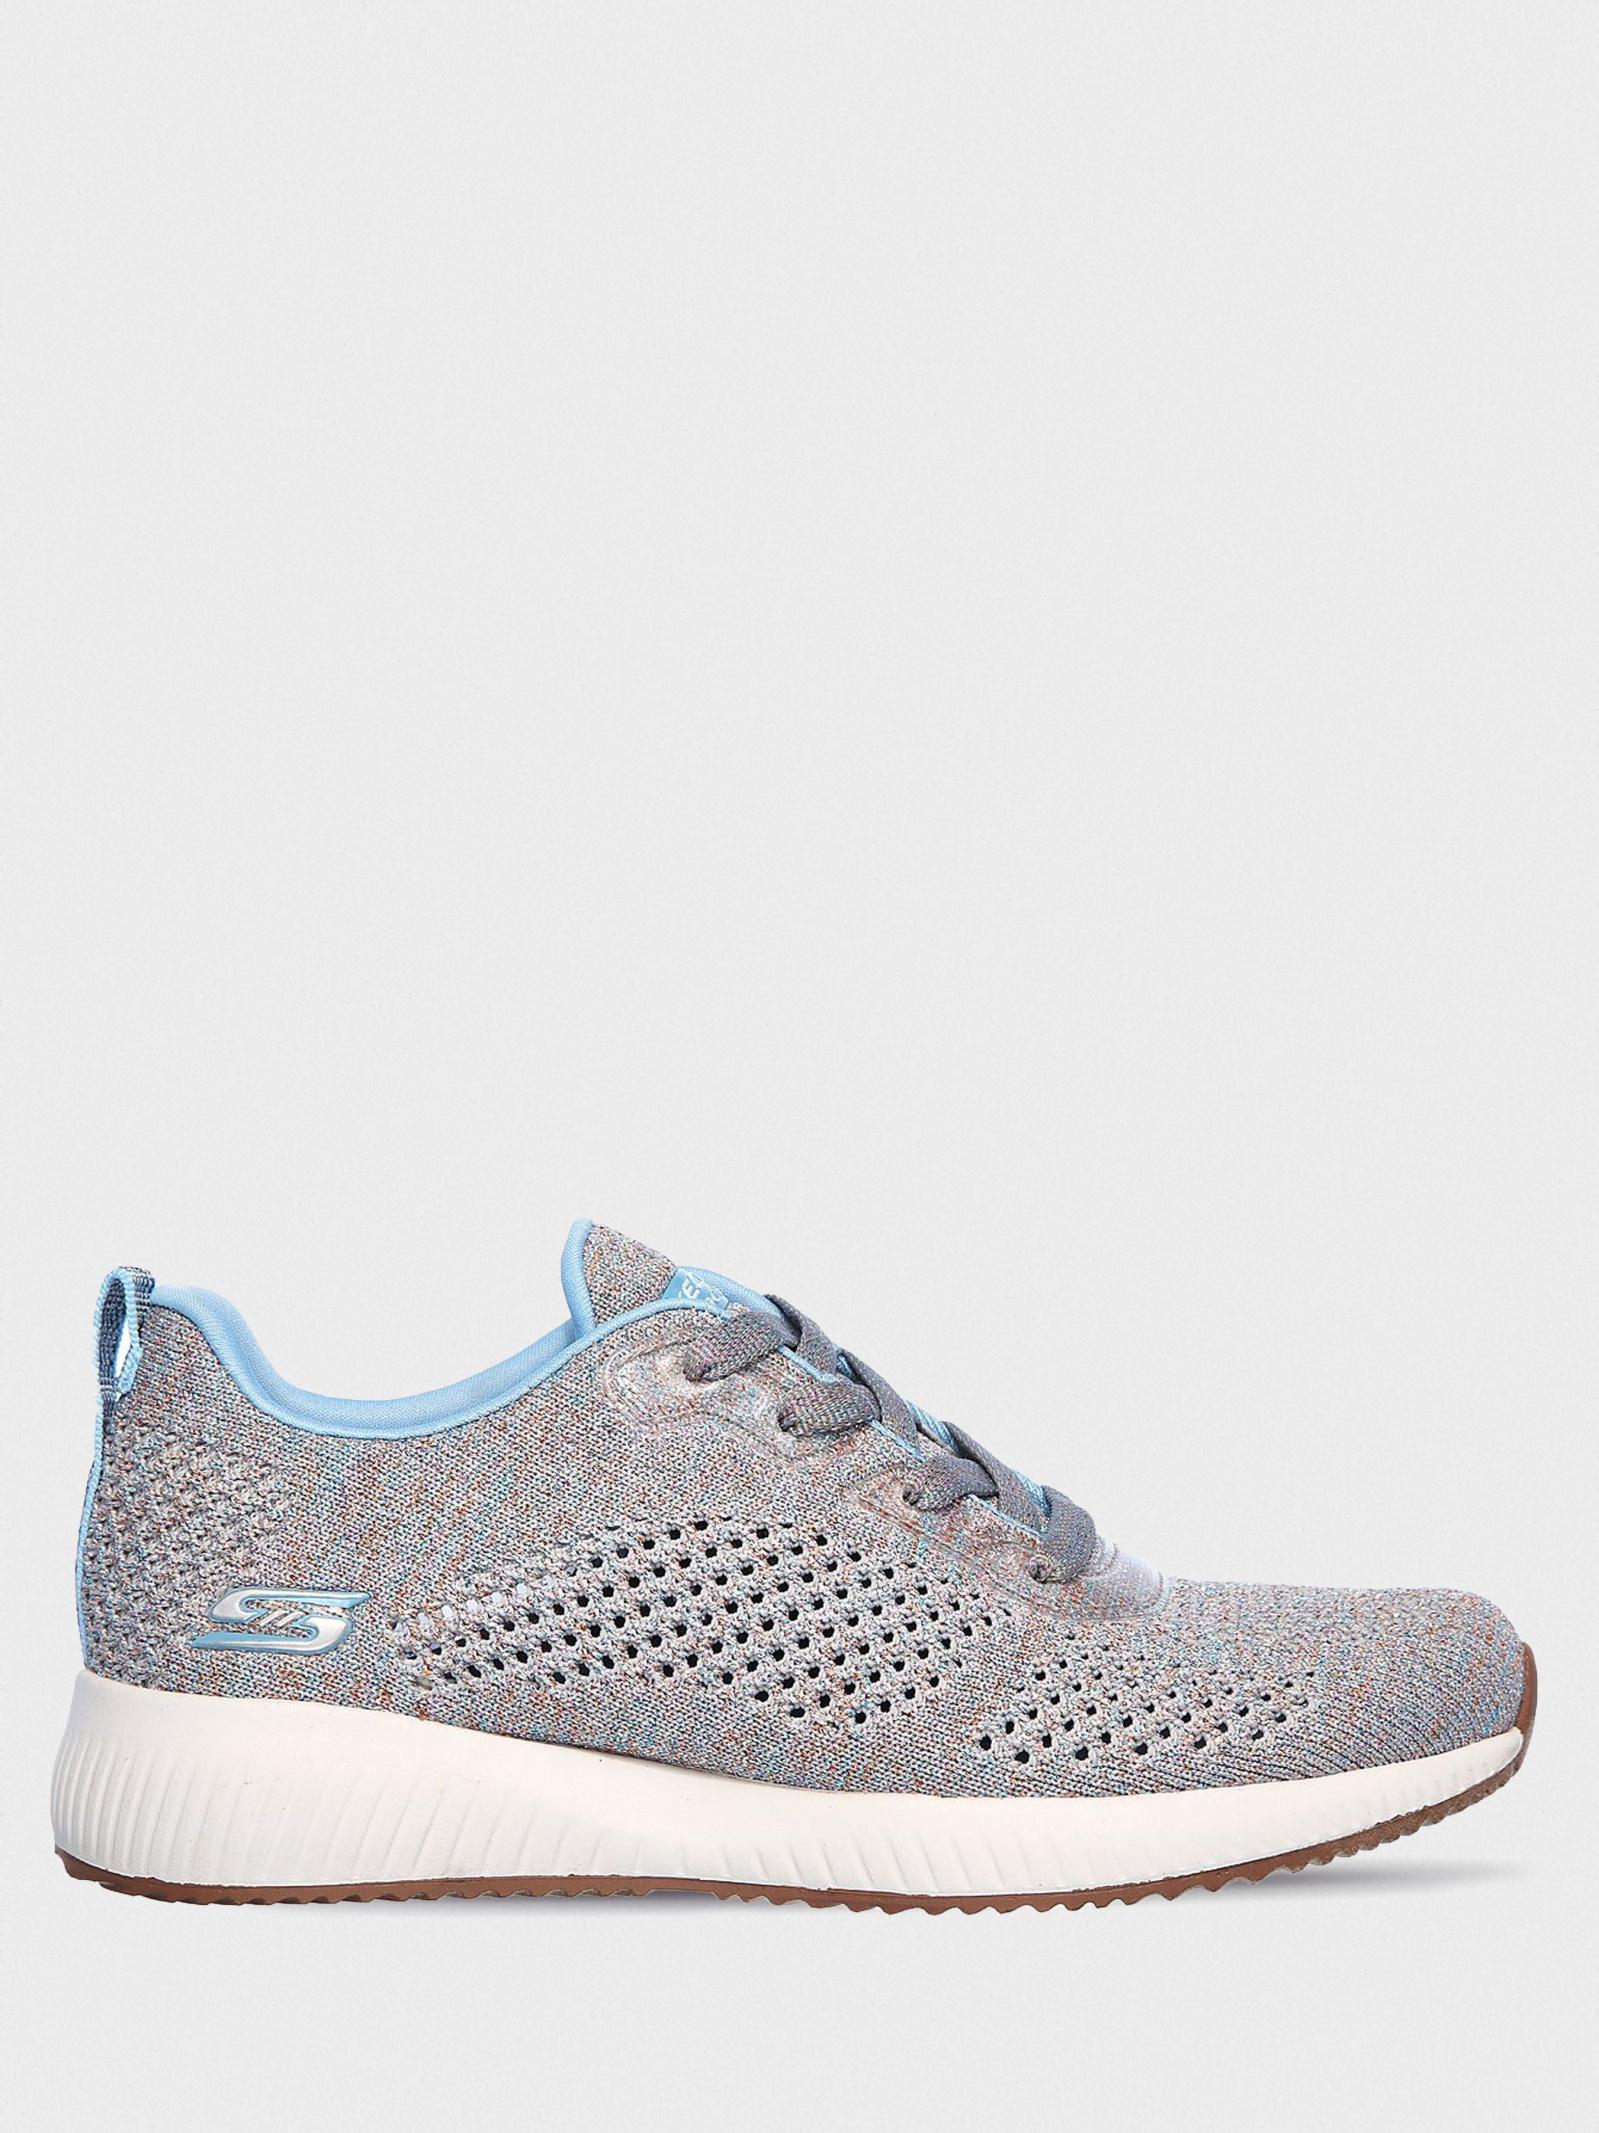 Кроссовки женские Skechers KW5341 размерная сетка обуви, 2017